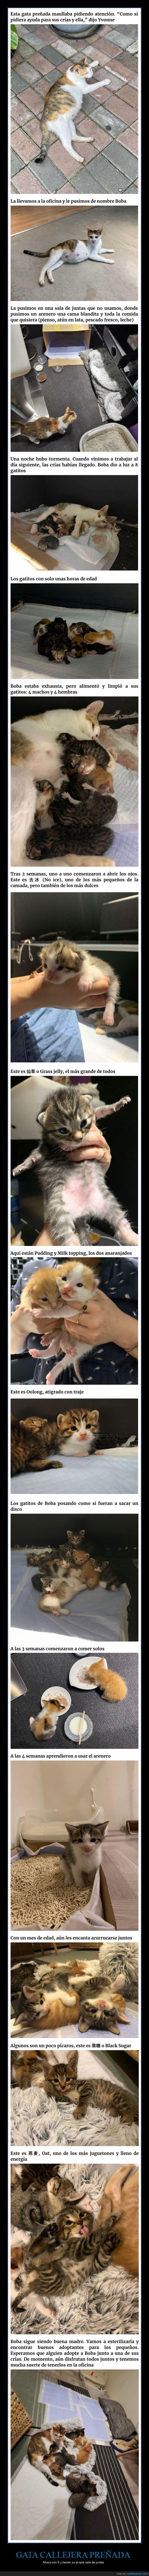 gata,gatos,hijos,preñada